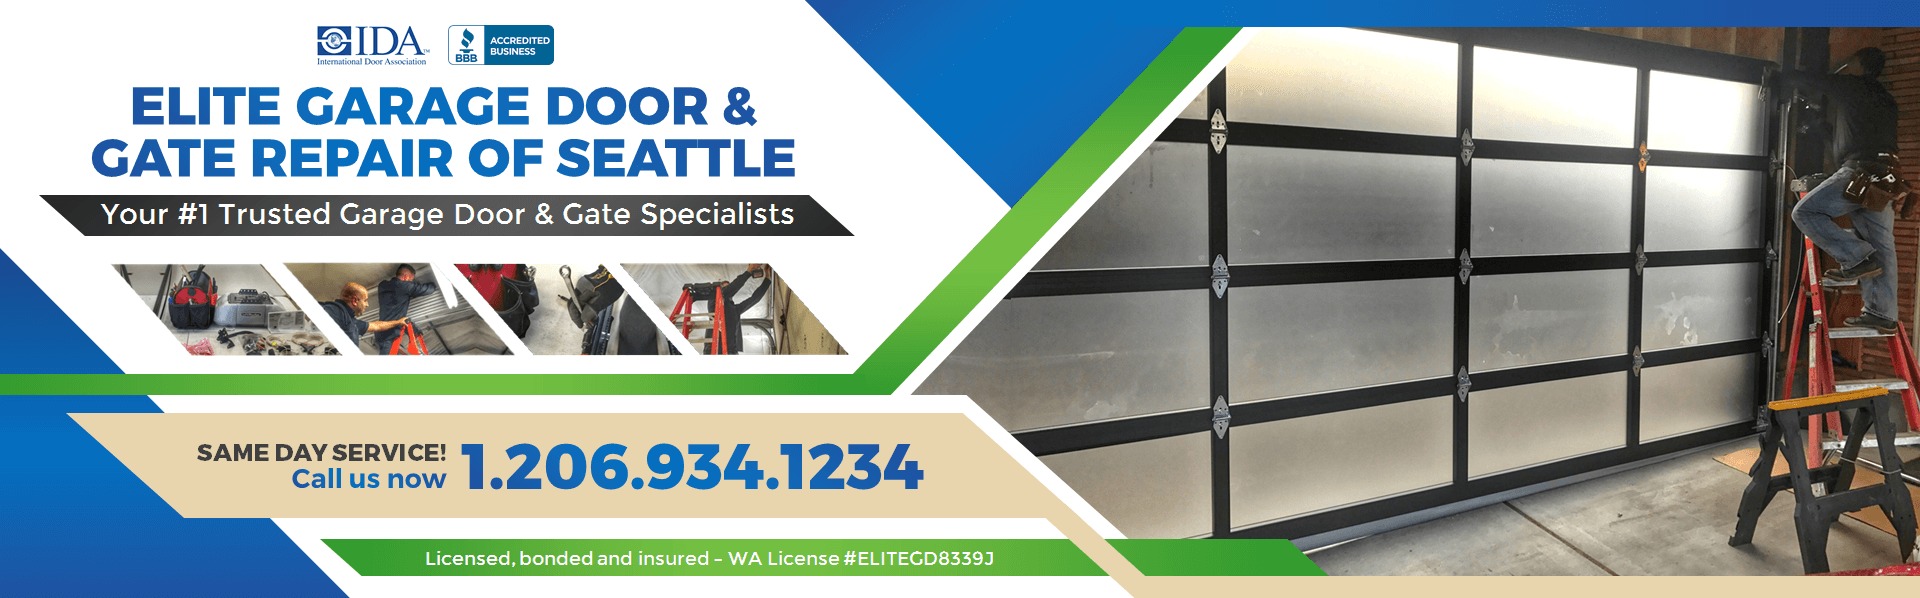 Elite Garage Door & Gate Repair Of Seattle Washington Main Baner • 206.934.1234